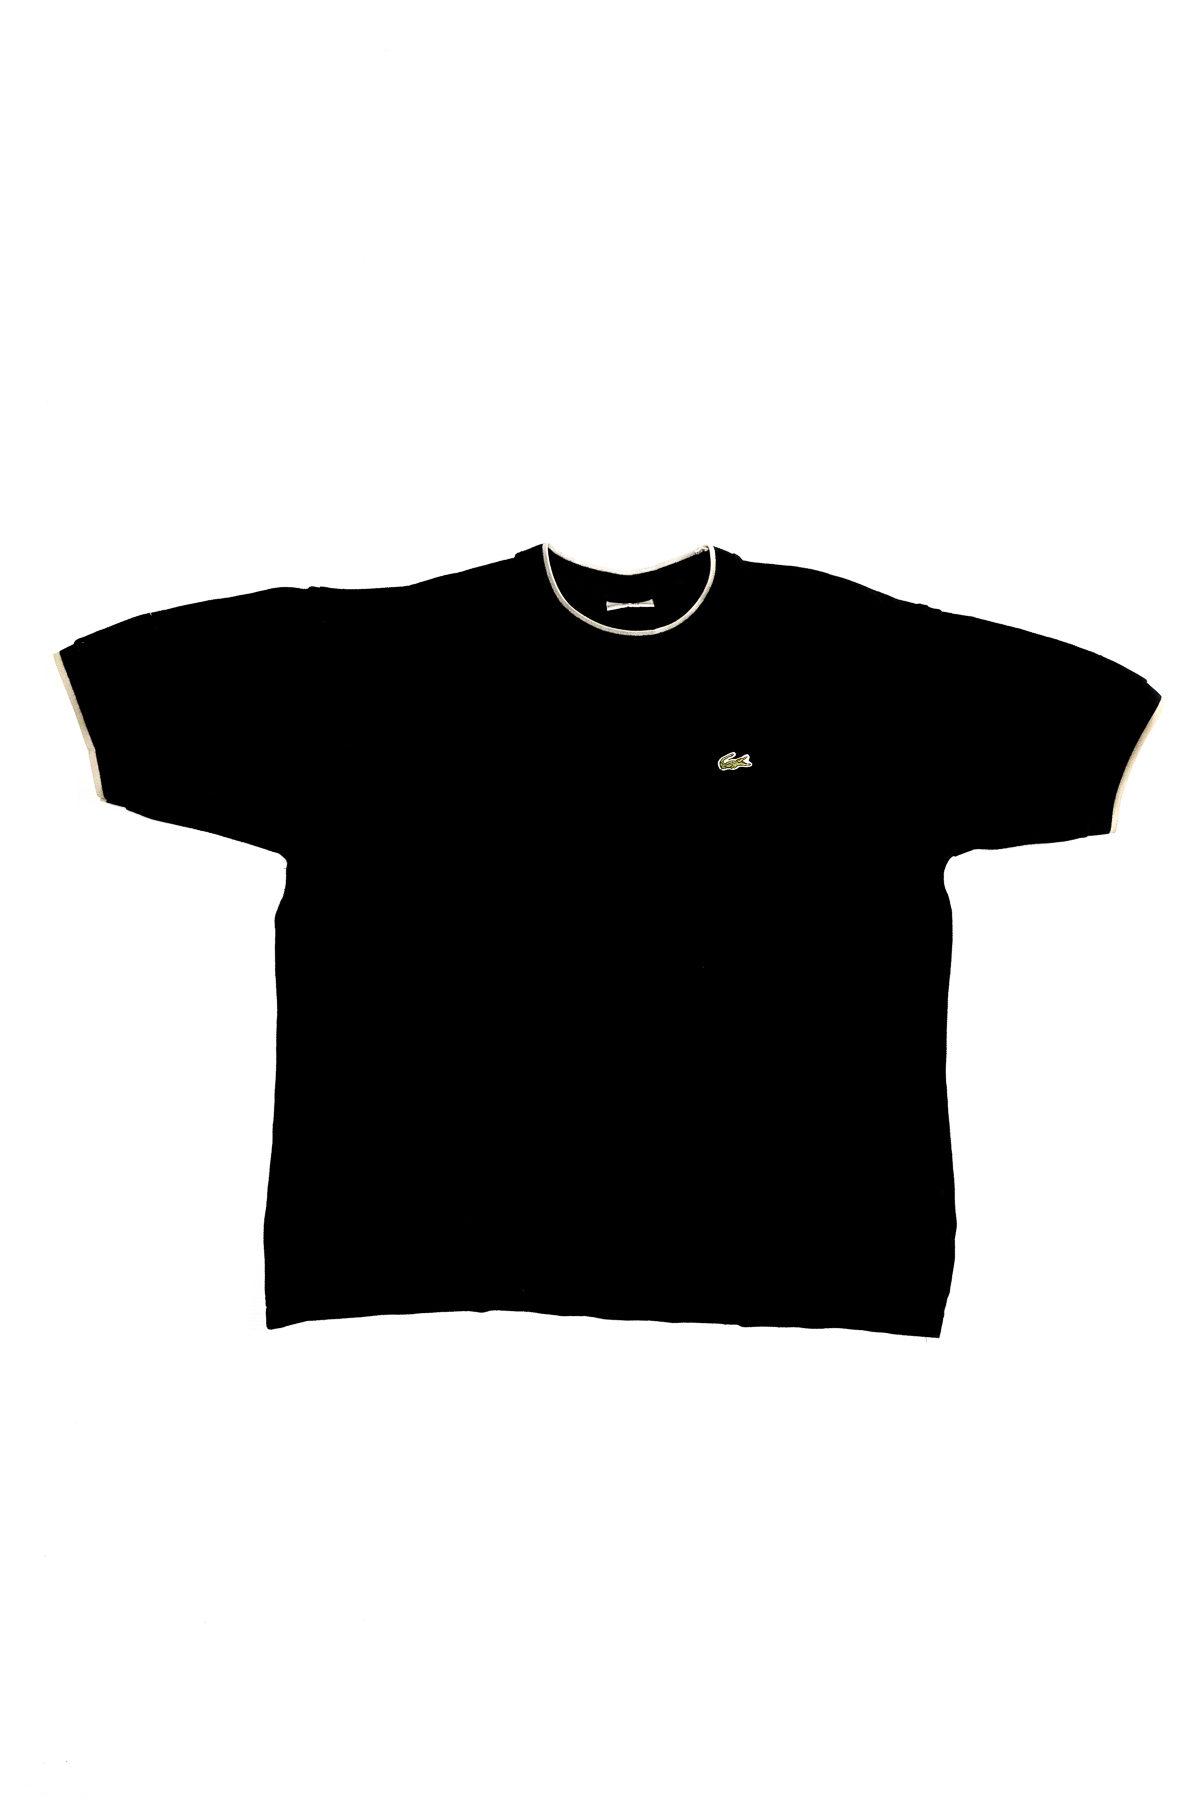 Lacoste T-SHIRT VINTAGE Black